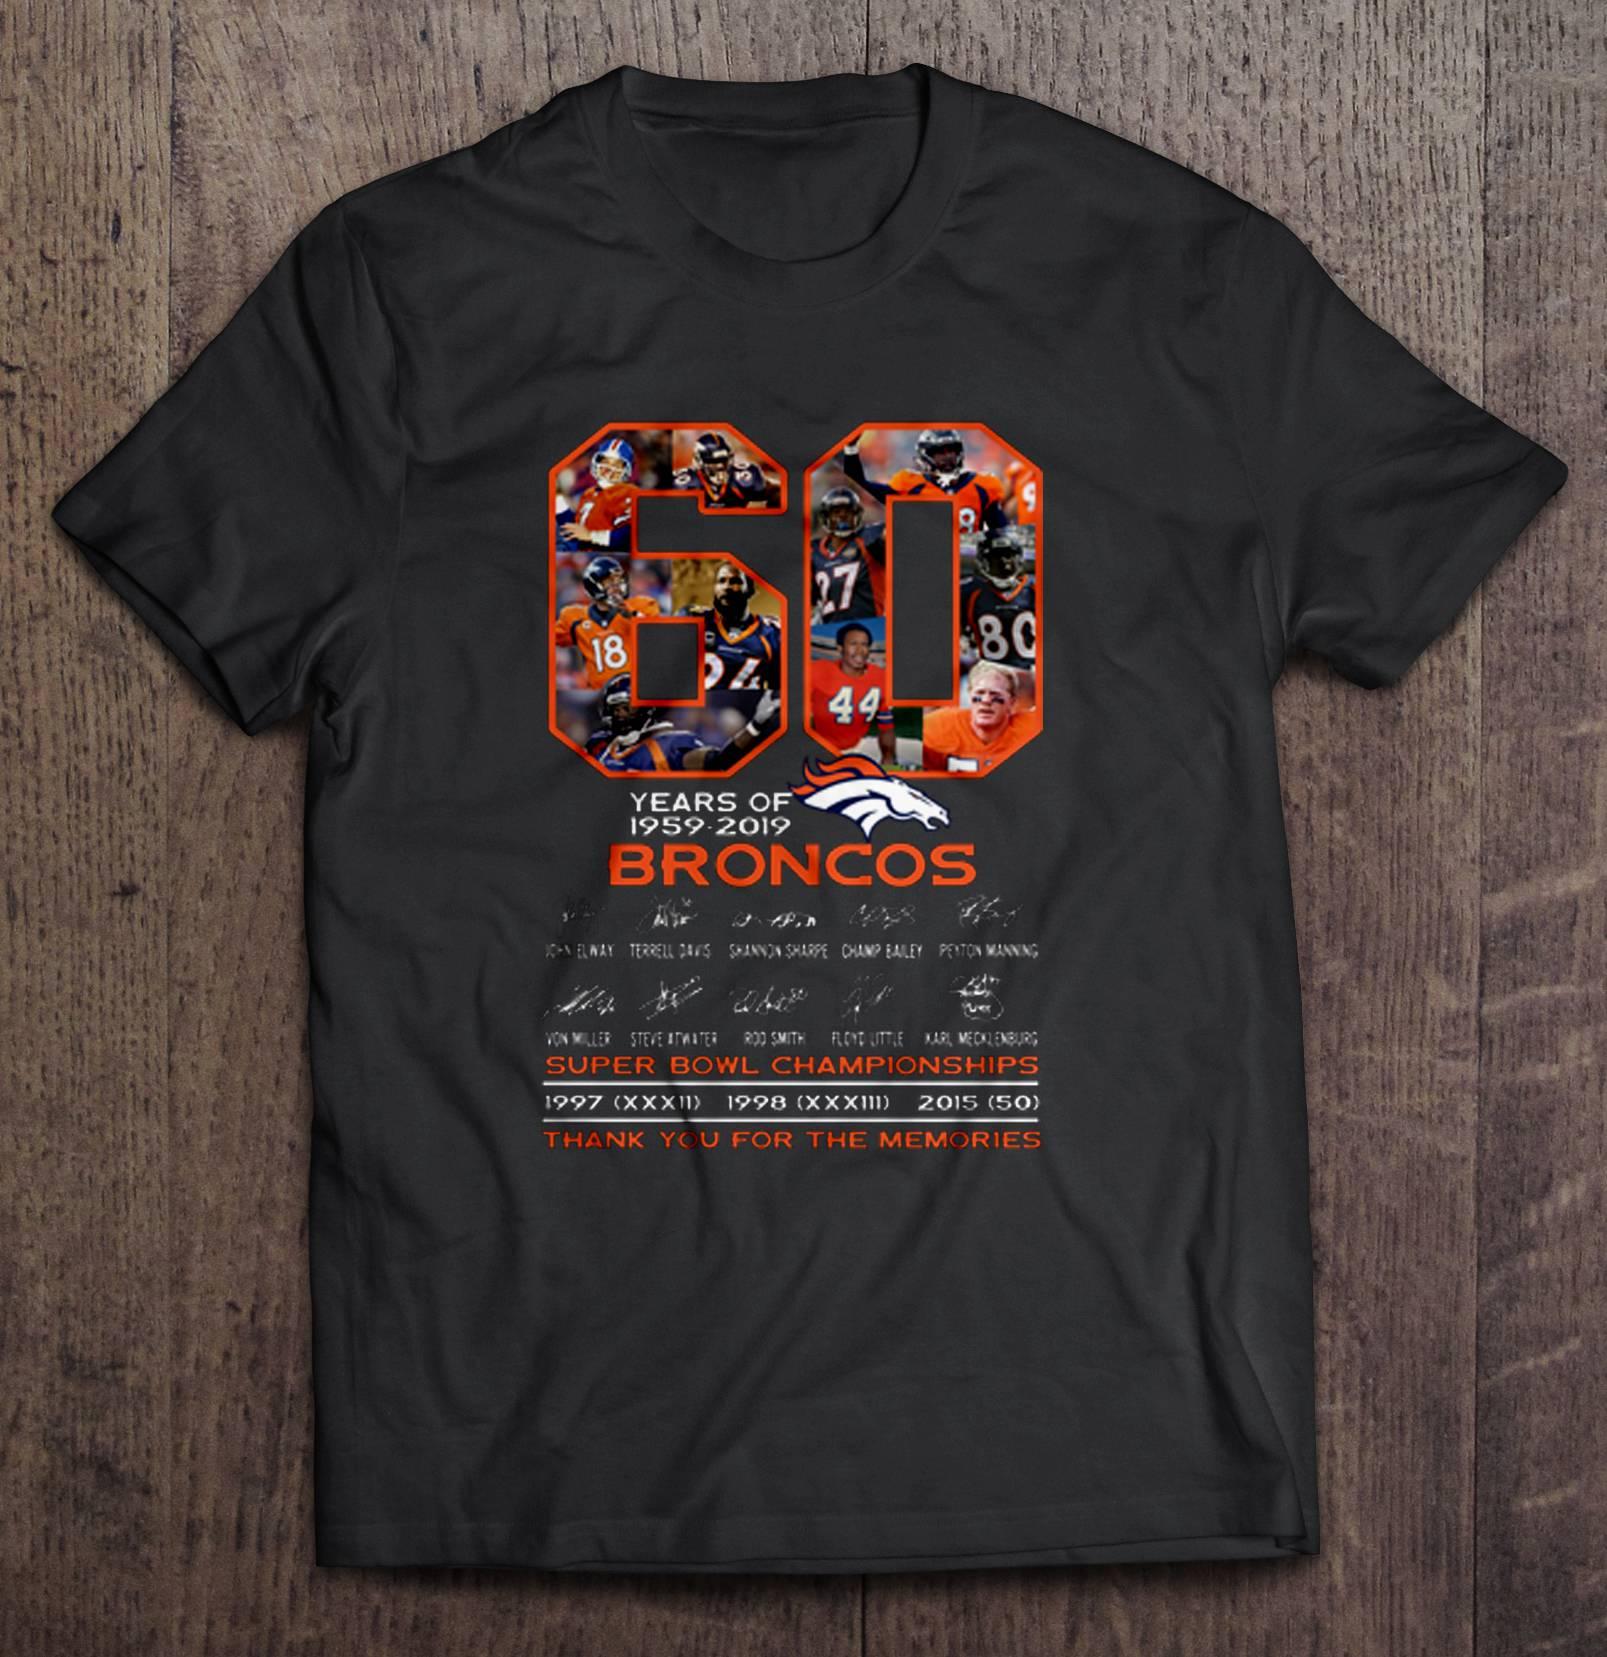 60 Years Of 1959-2019 Broncos tshirt